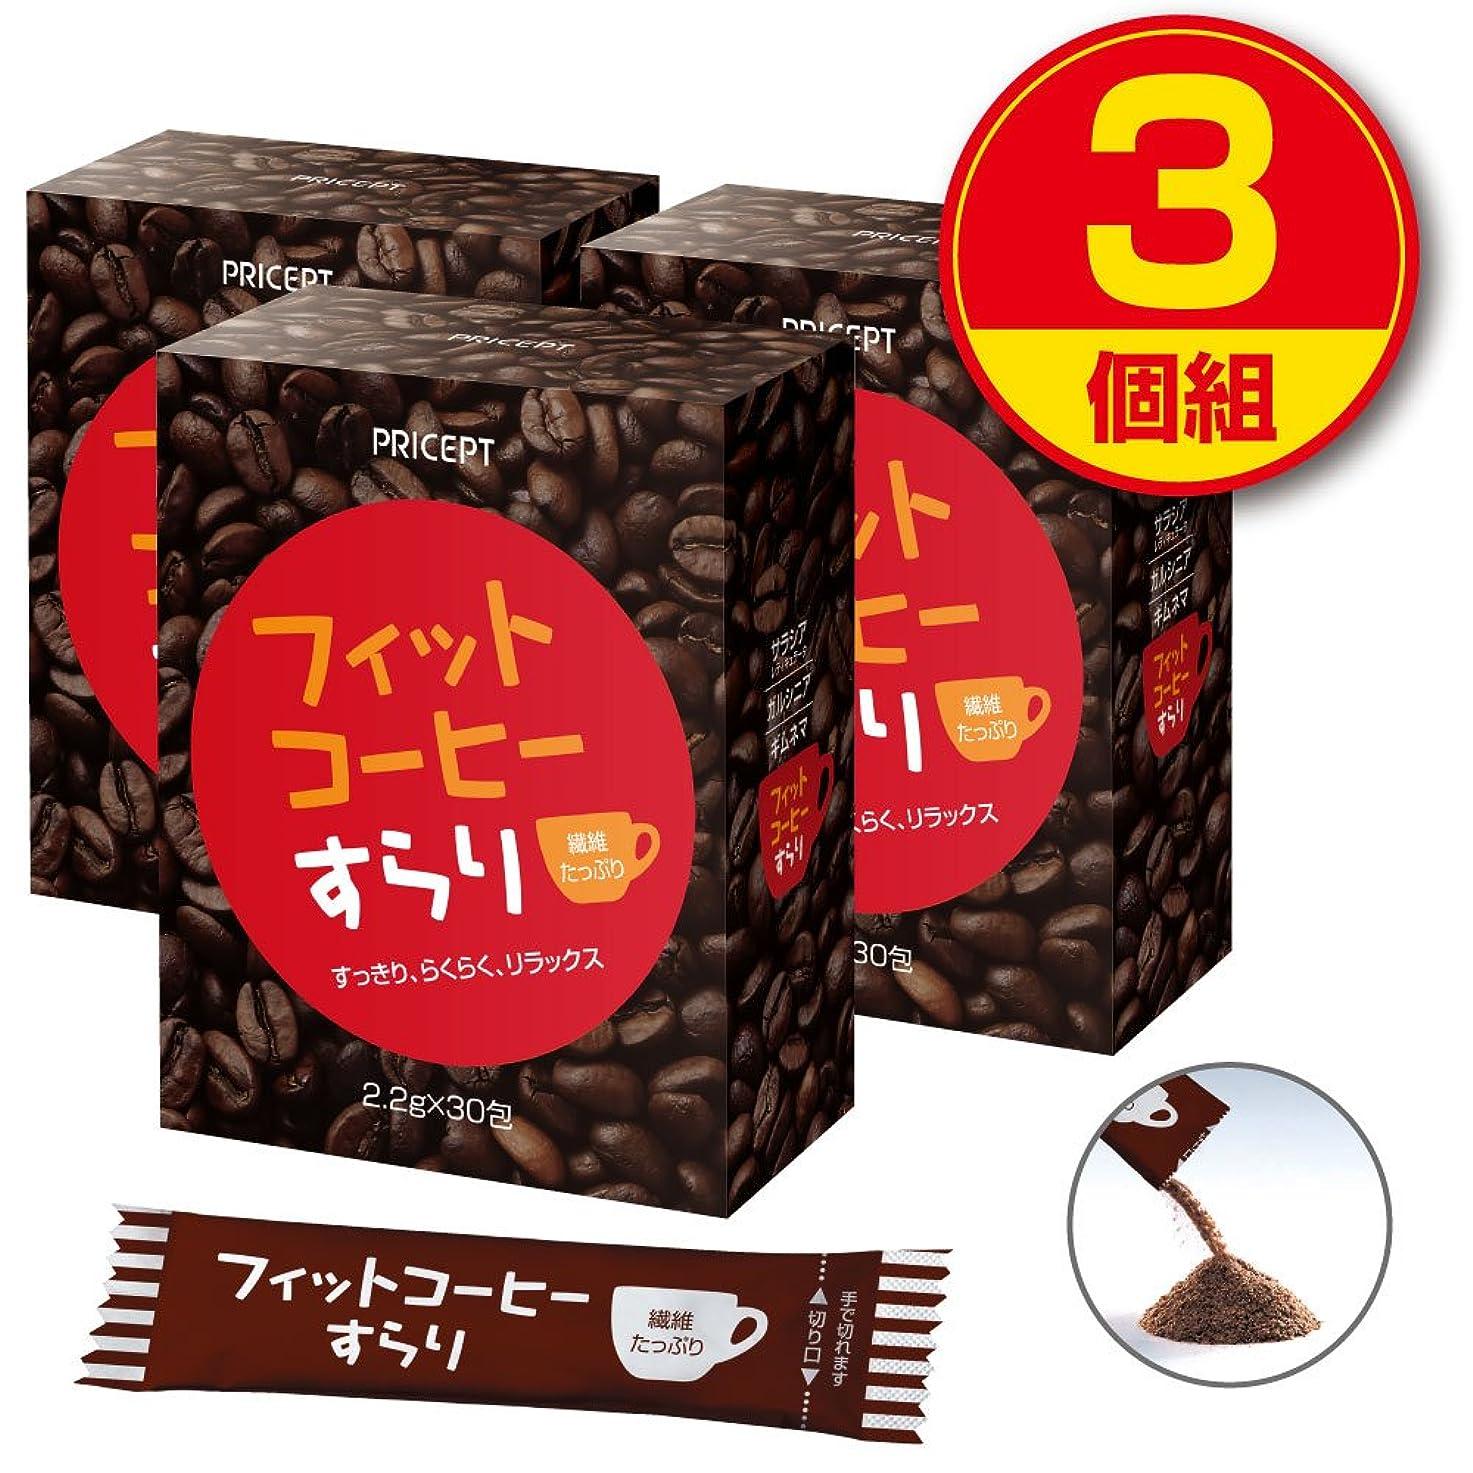 財団耐える学校プリセプト フィットコーヒーすらり 30包【3個組(90包)】(ダイエットサポートコーヒー)